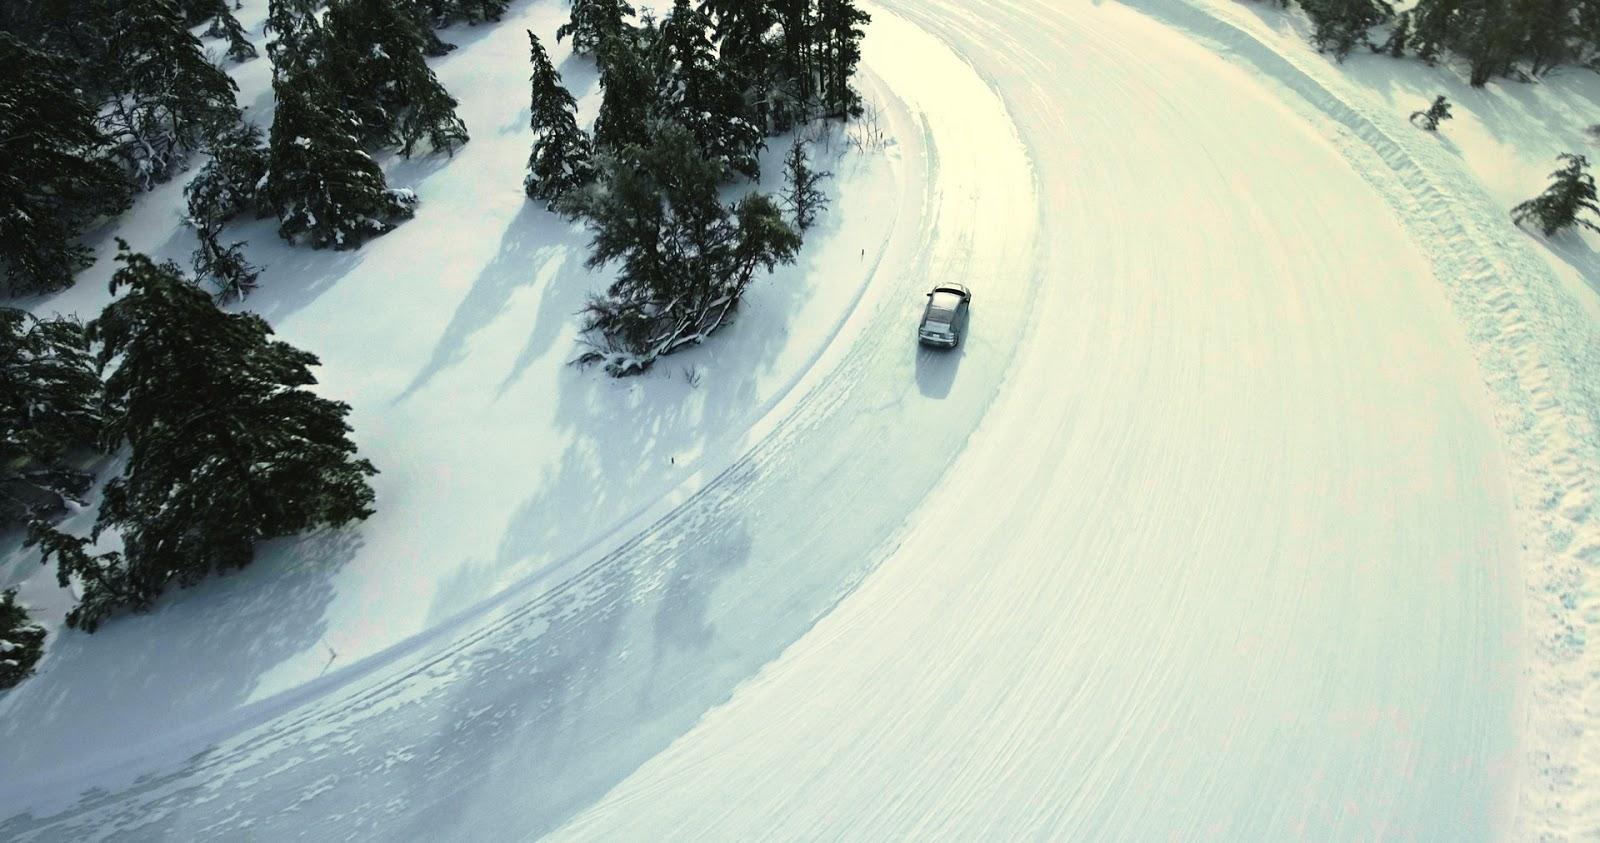 Winter2Btesting2BFord2BEV 01 Δες το ηλεκτρικό SUV της Ford να ντριφτάρει στον πάγο! Electric cars, Ford, video, videos